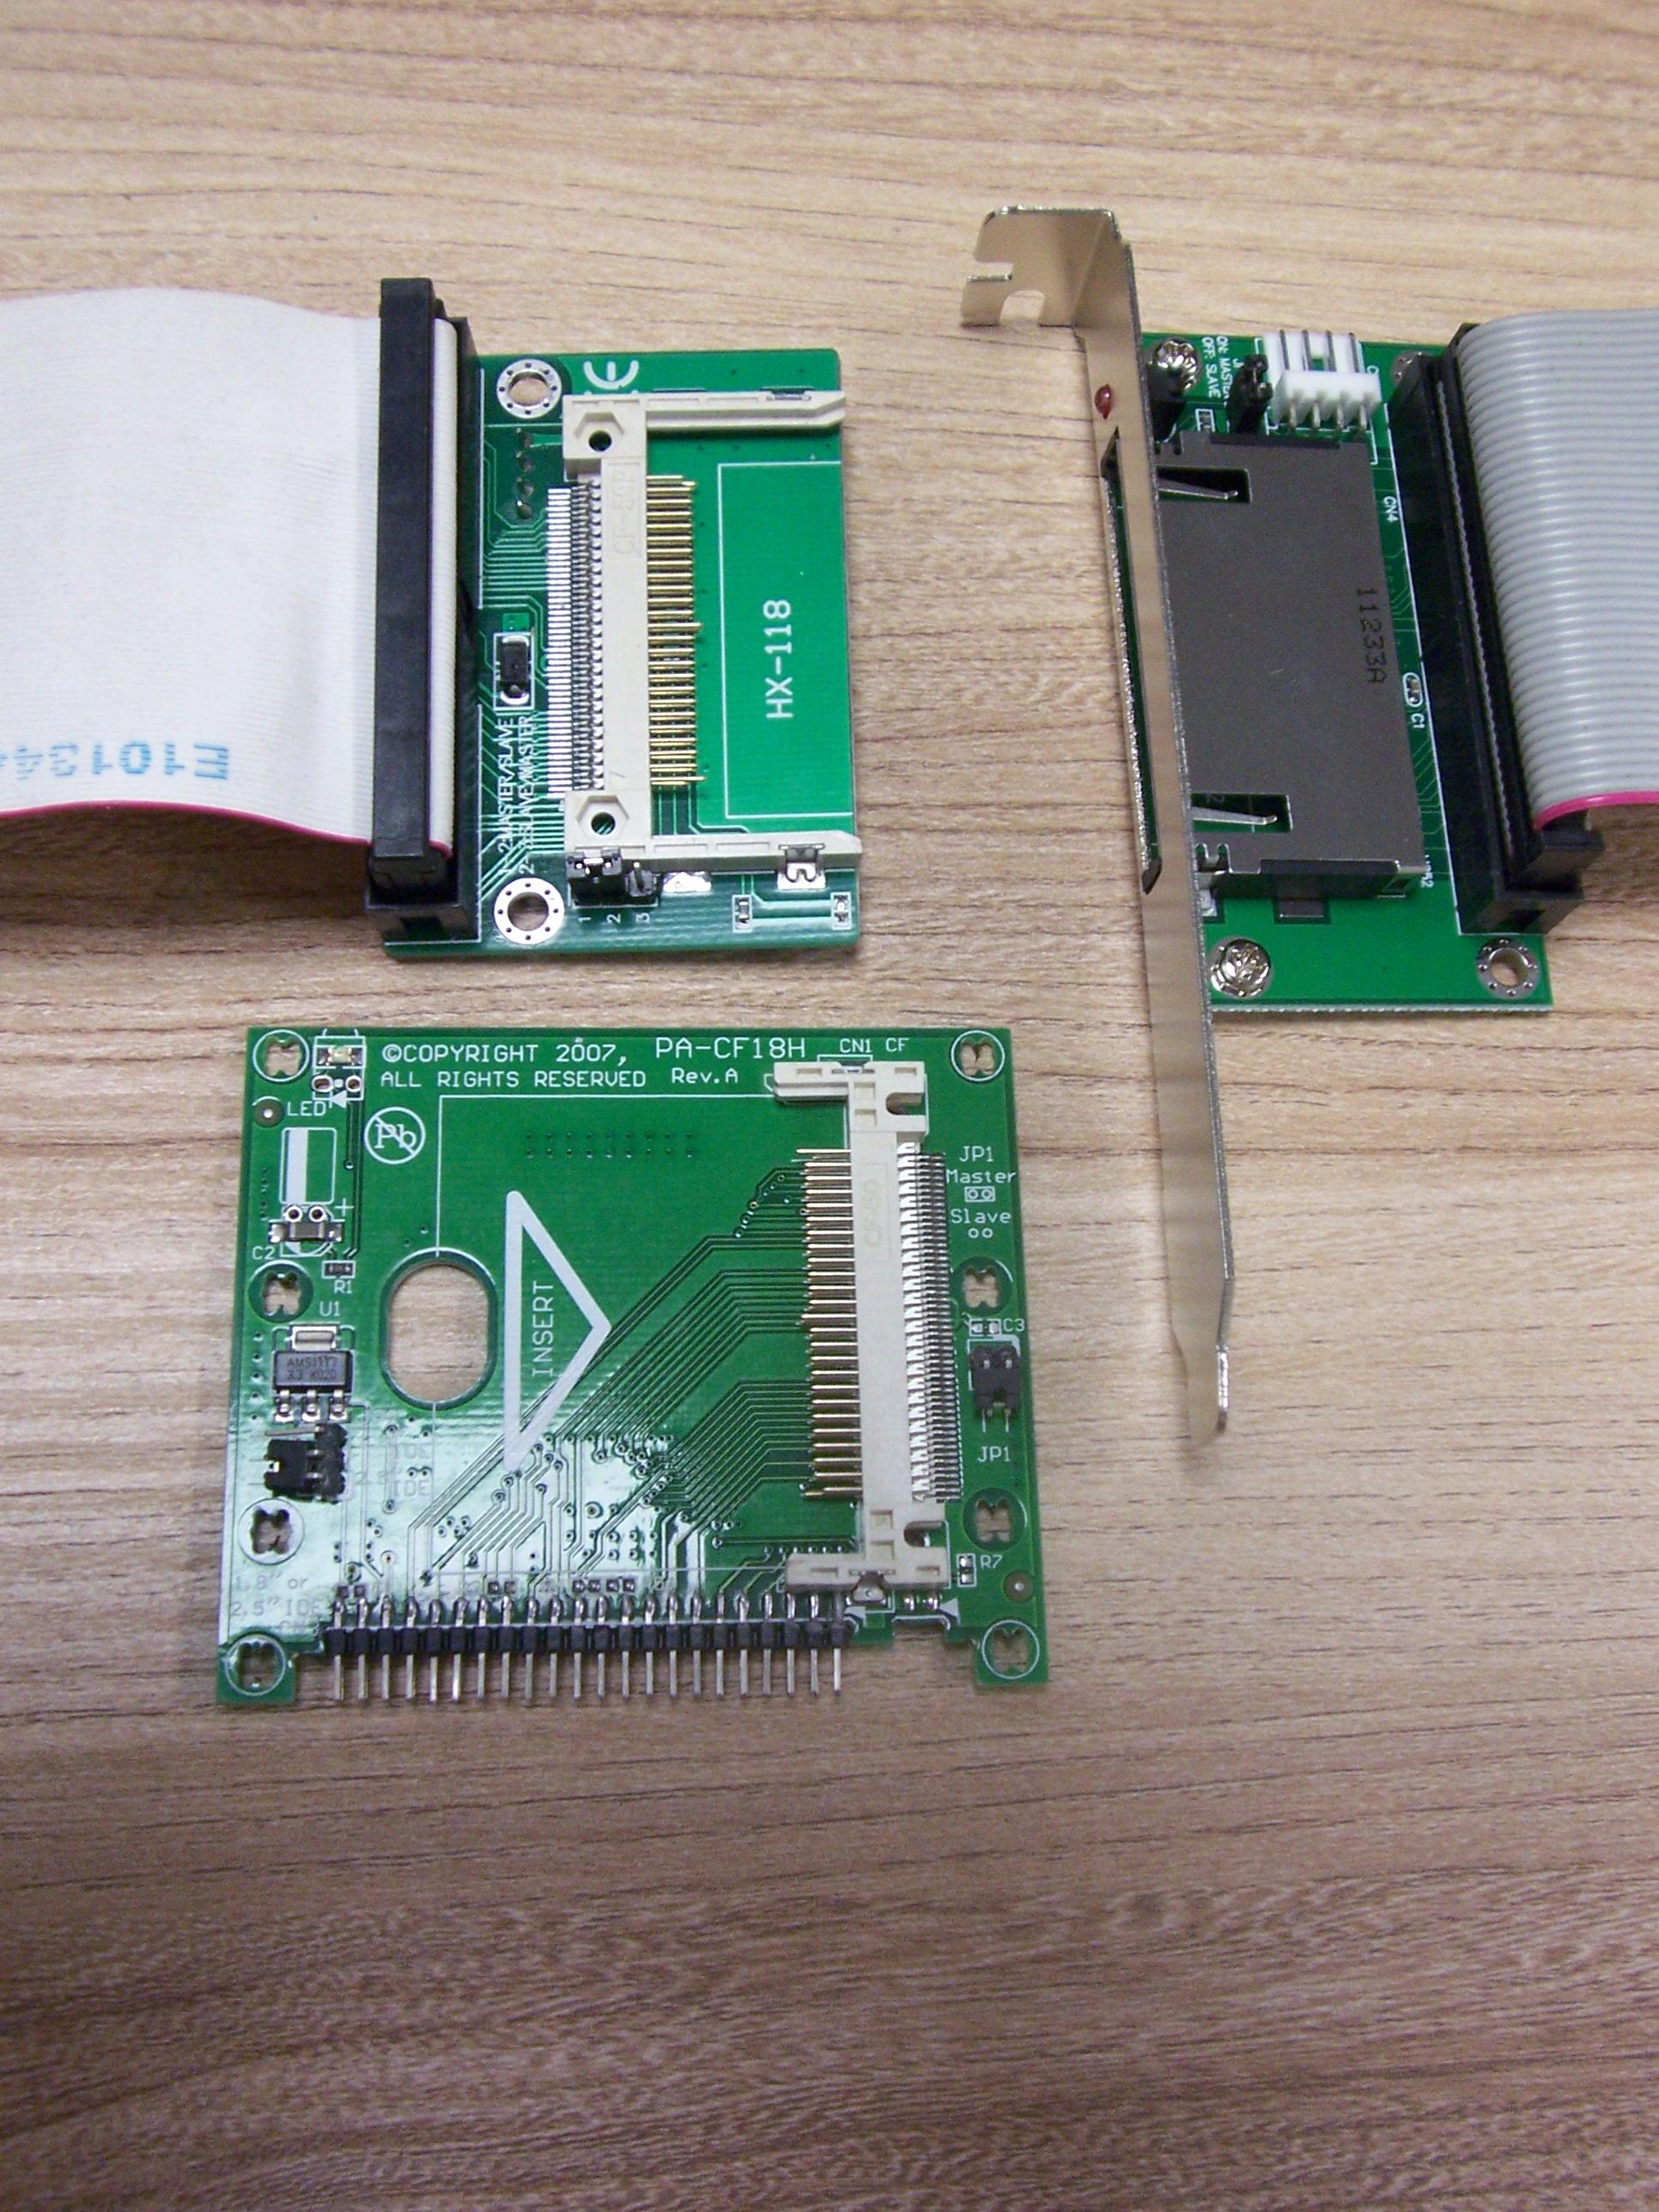 Trzy przejściówki CF - PATA (IDE): po lewej wewnętrzna, przyłączona do taśmy 80-żyłowej, po prawej zewnętrzna, na śledziu montażowym z taśmą 40-żyłową, pod nimi przejściówka w formacie 2,5 cala, ze złączem IDE 44 pin